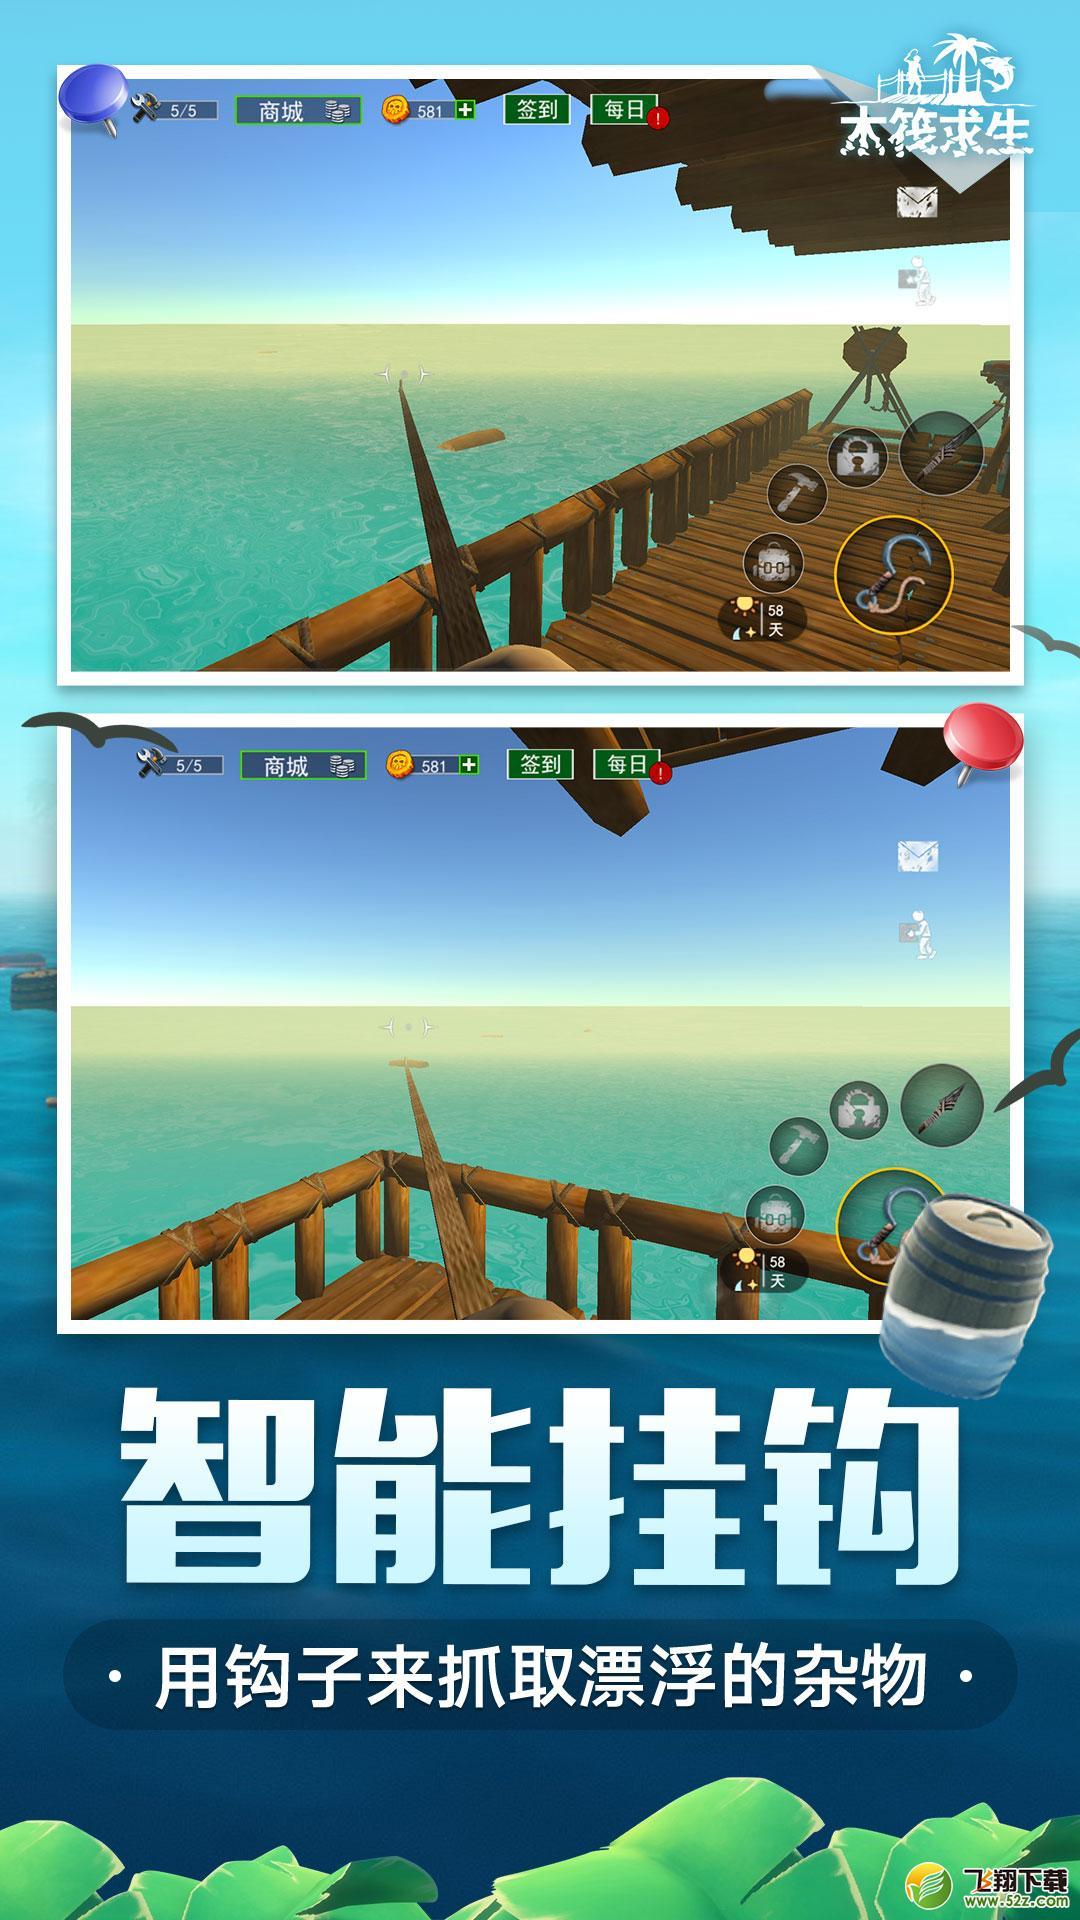 木筏求生V1.0.12 IOS版_52z.com